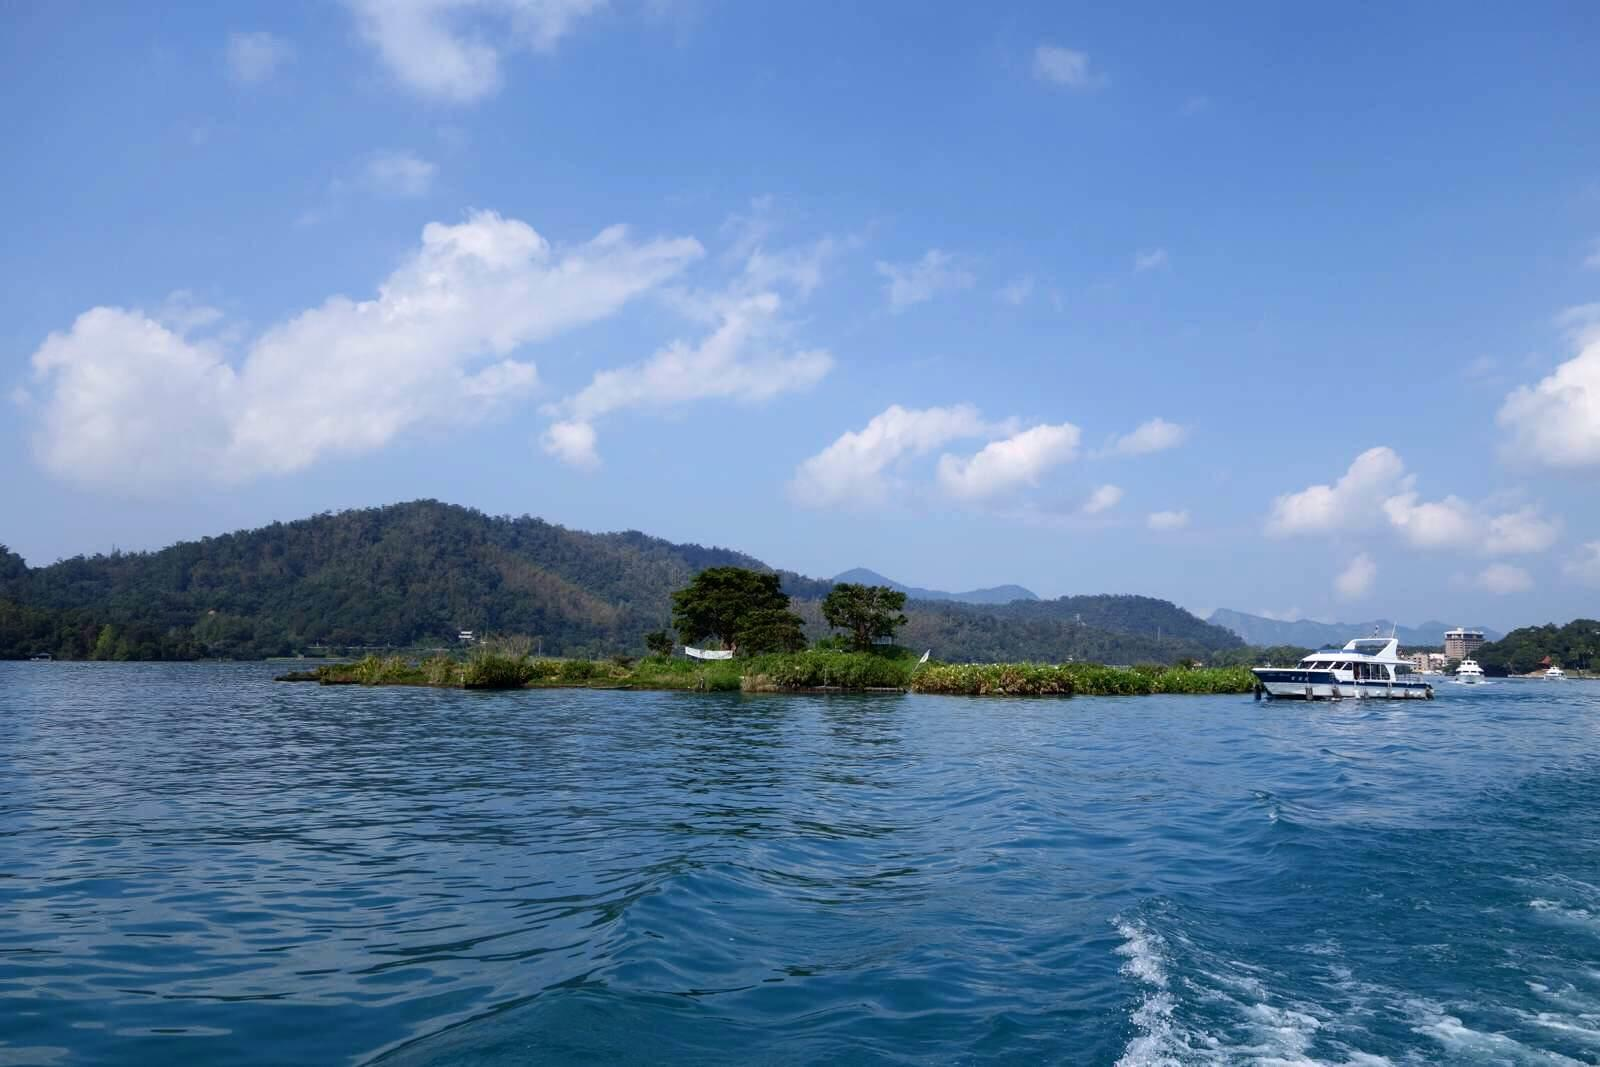 日月潭,这个打小就年级学从小上了解到的台湾风景名胜,大陆女生必去五小学课本游客漂亮图片